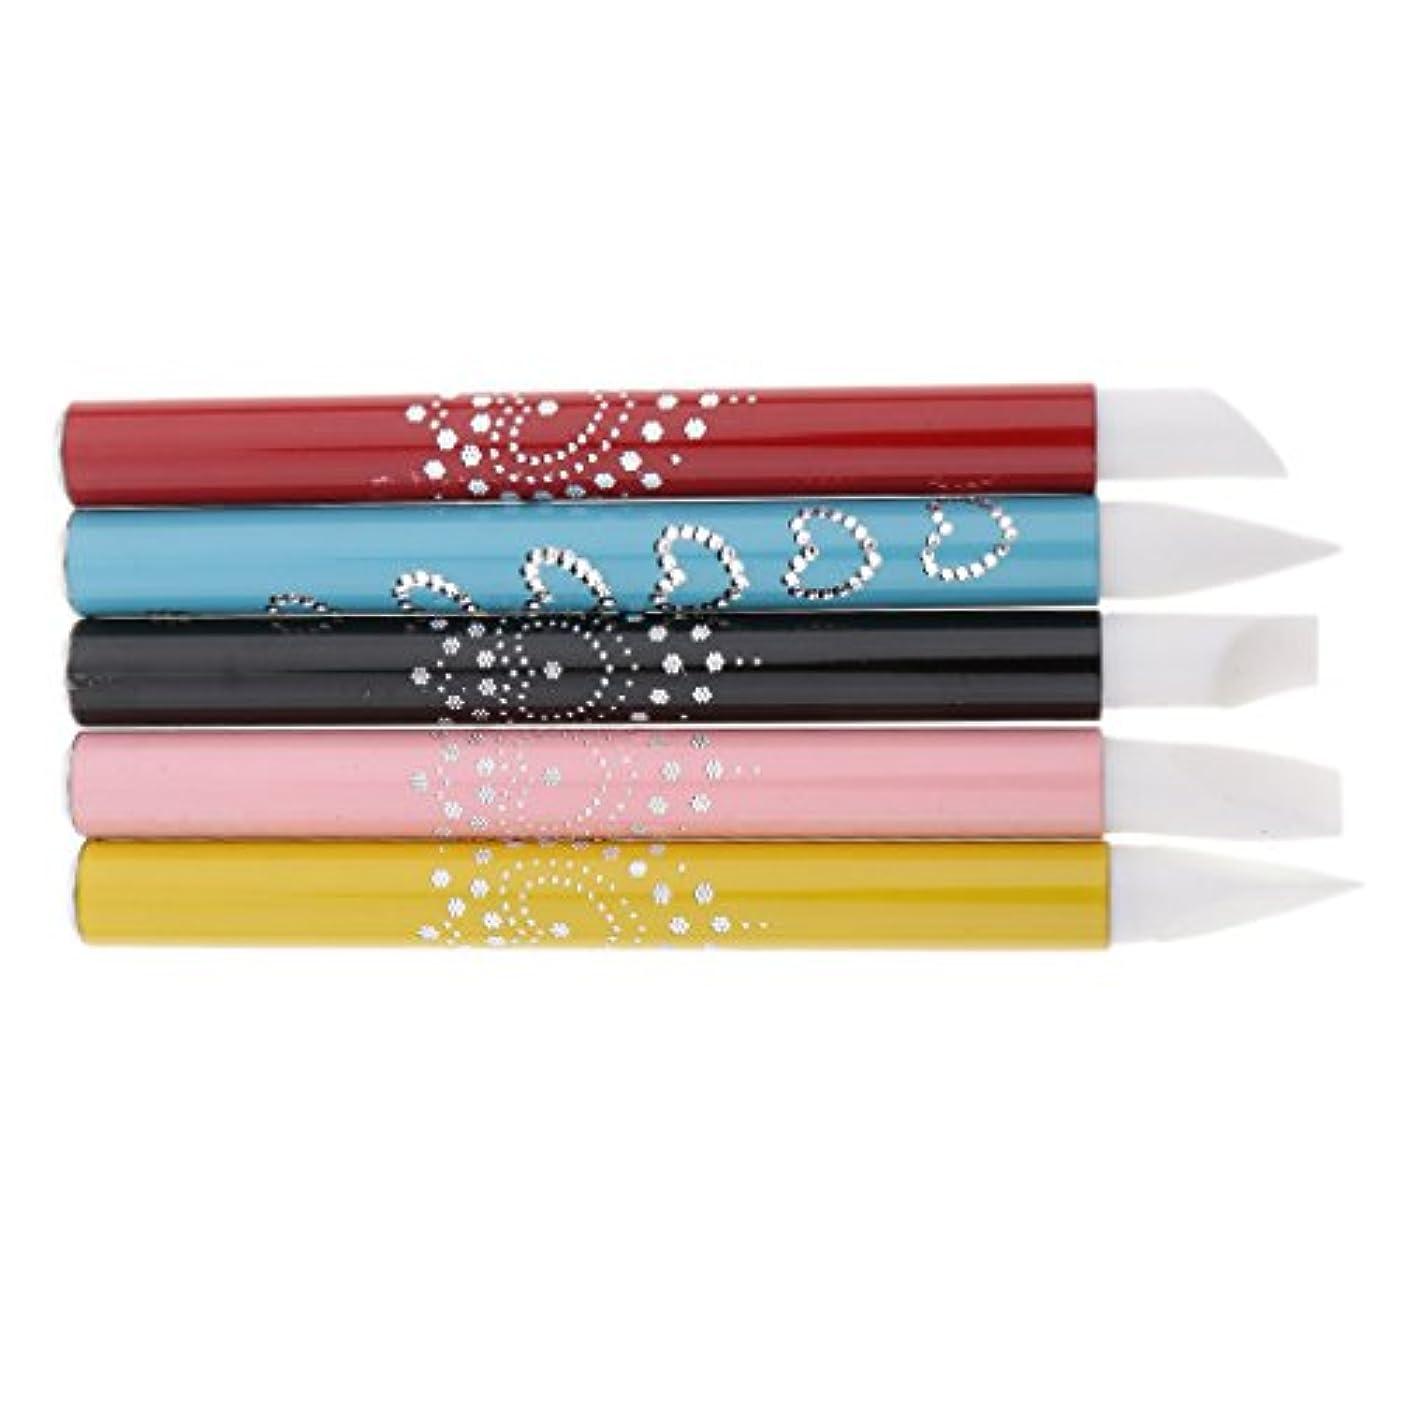 アピール野心気取らない5個 ネイルアート ネイルペン ネイルブラシ シリコンチップ ブラシチップ 彫刻ペン アルミハンドル 繊細なデザイン プレゼント